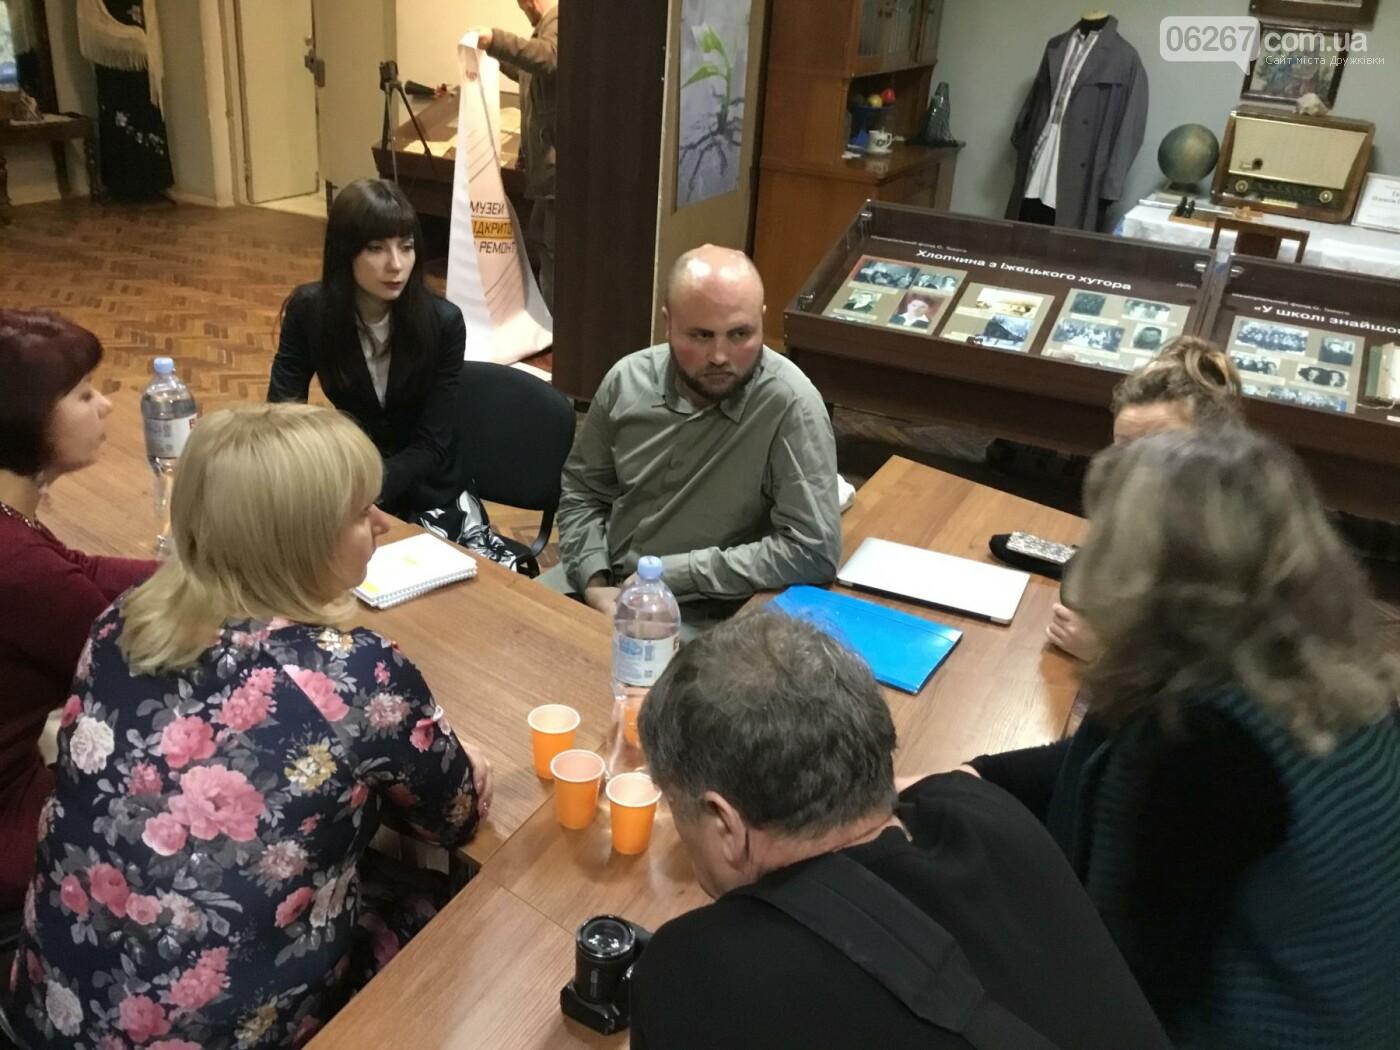 В Дружковском музее обсуждали проекты развития и вопросы сотрудничества с музеями Украины (ФОТО, ВИДЕО), фото-3